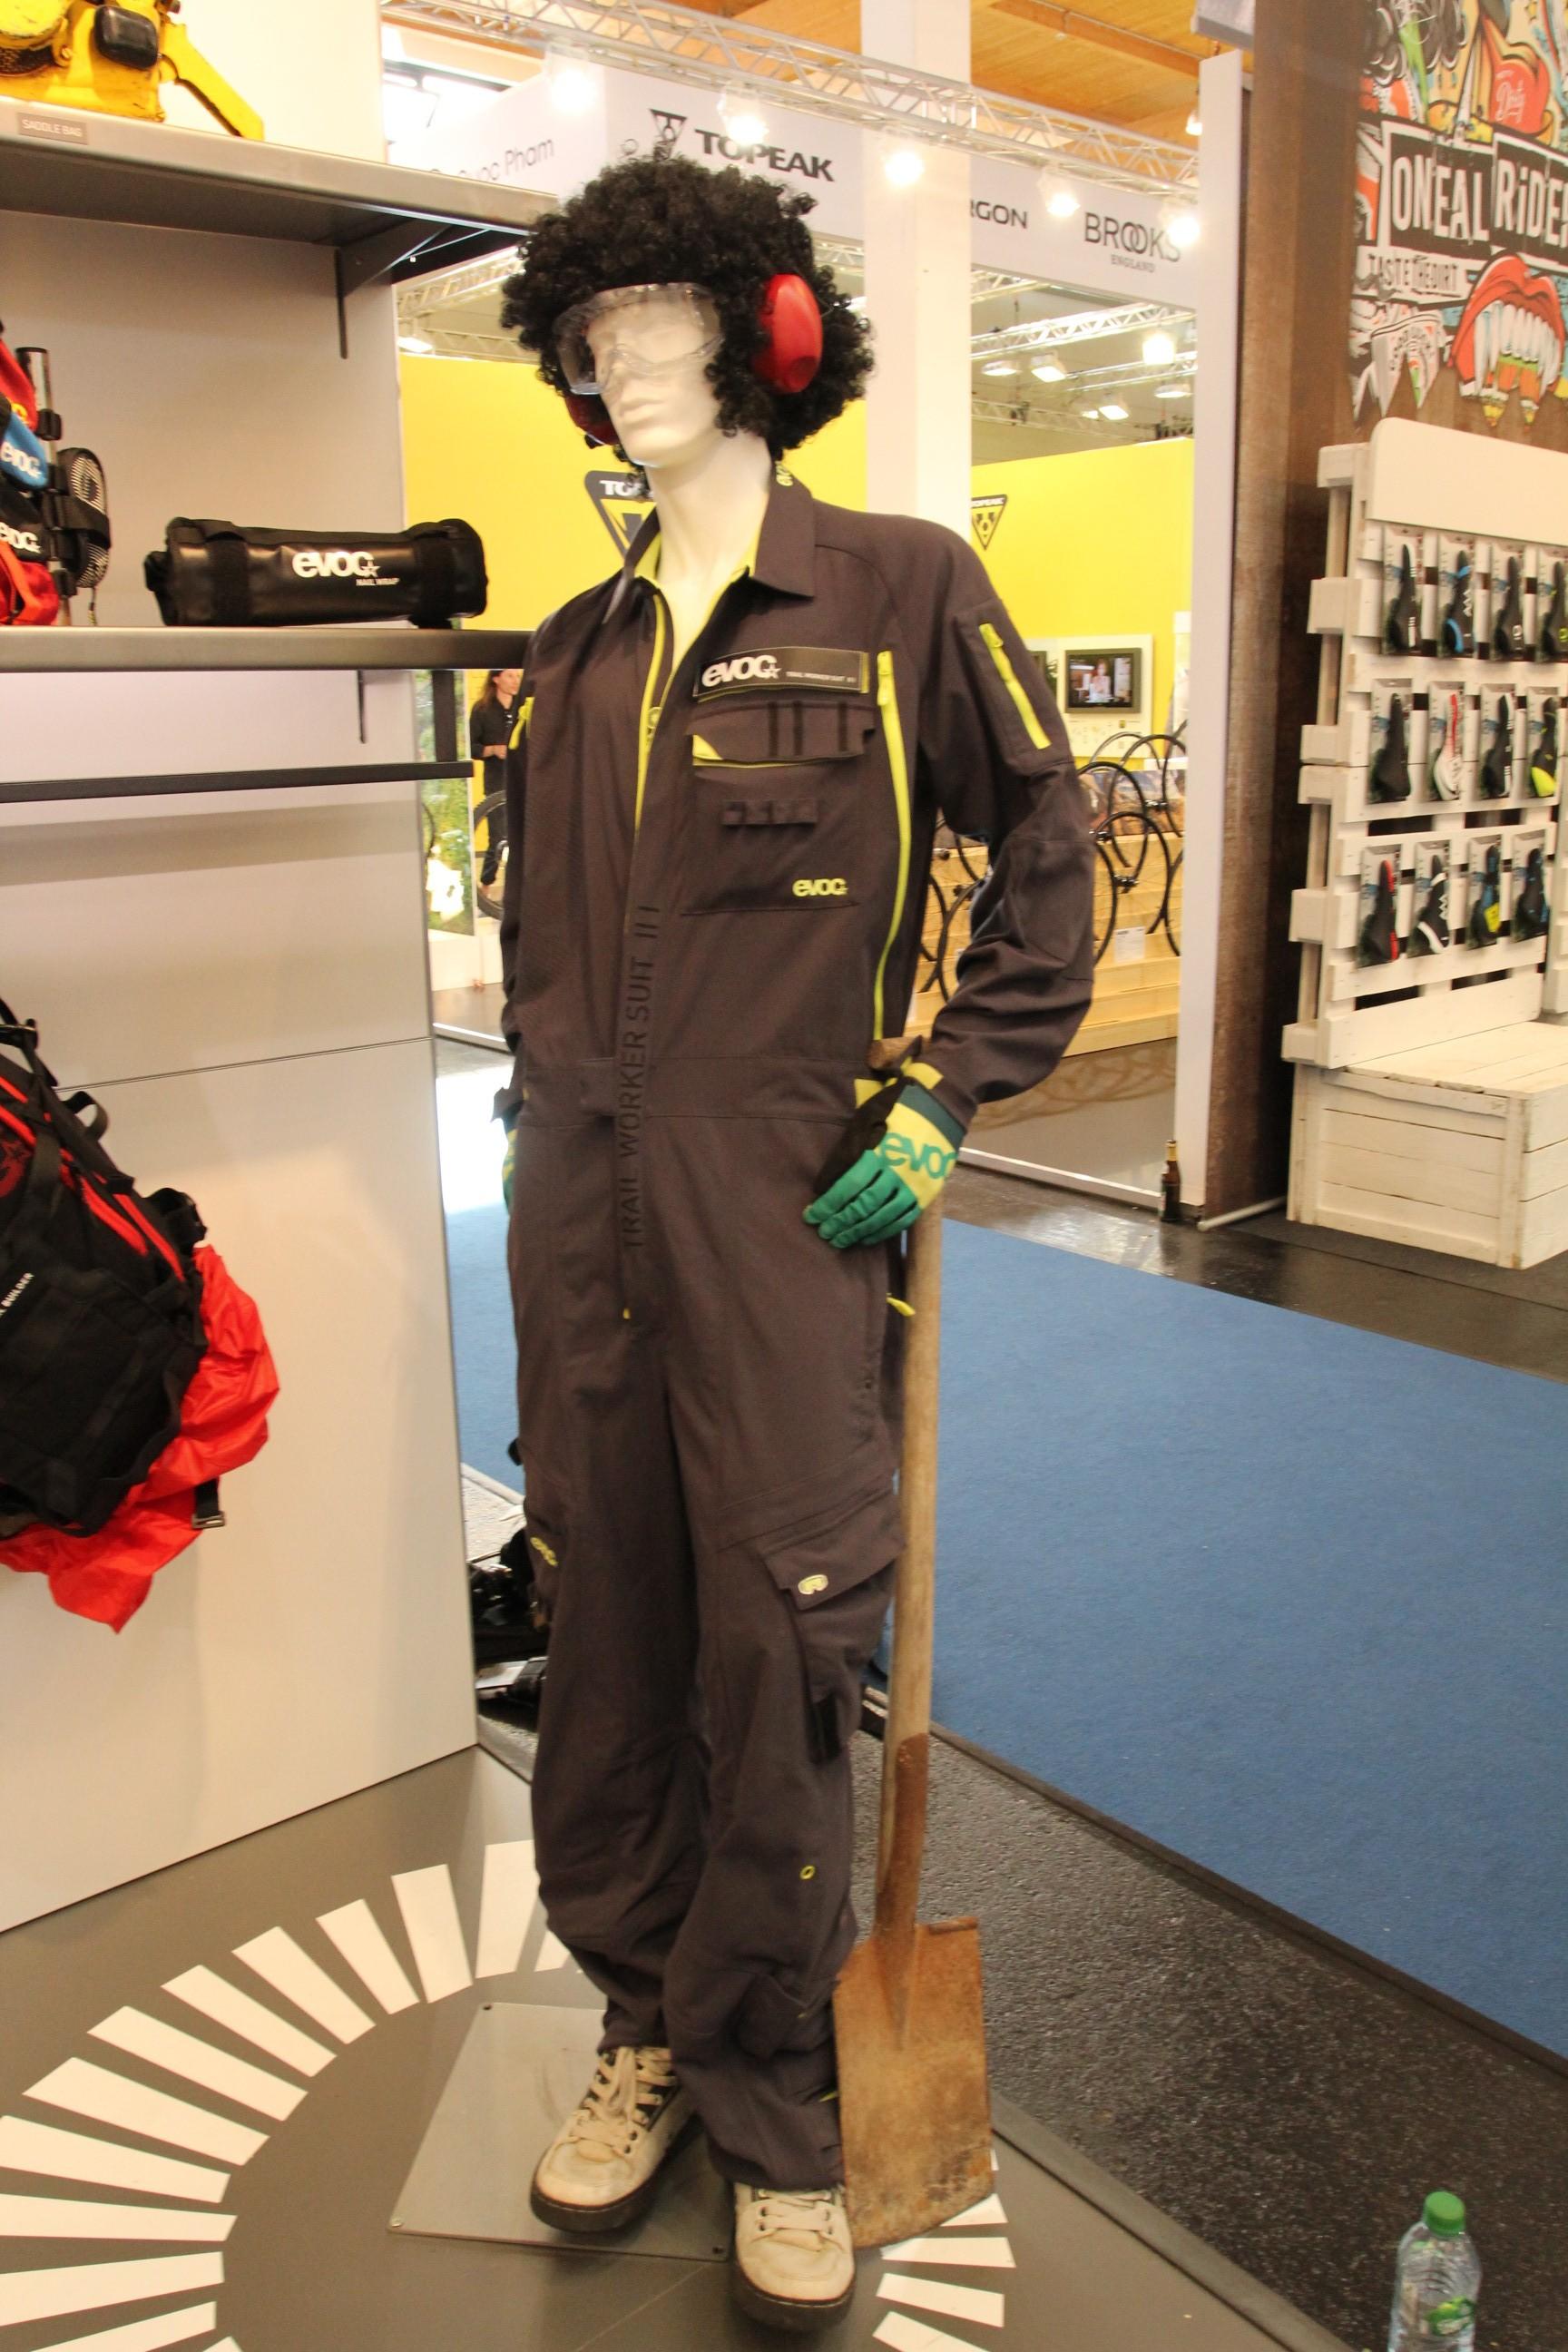 Das richtige Outfit hat man dann mit dem Trailbuilder Suit!